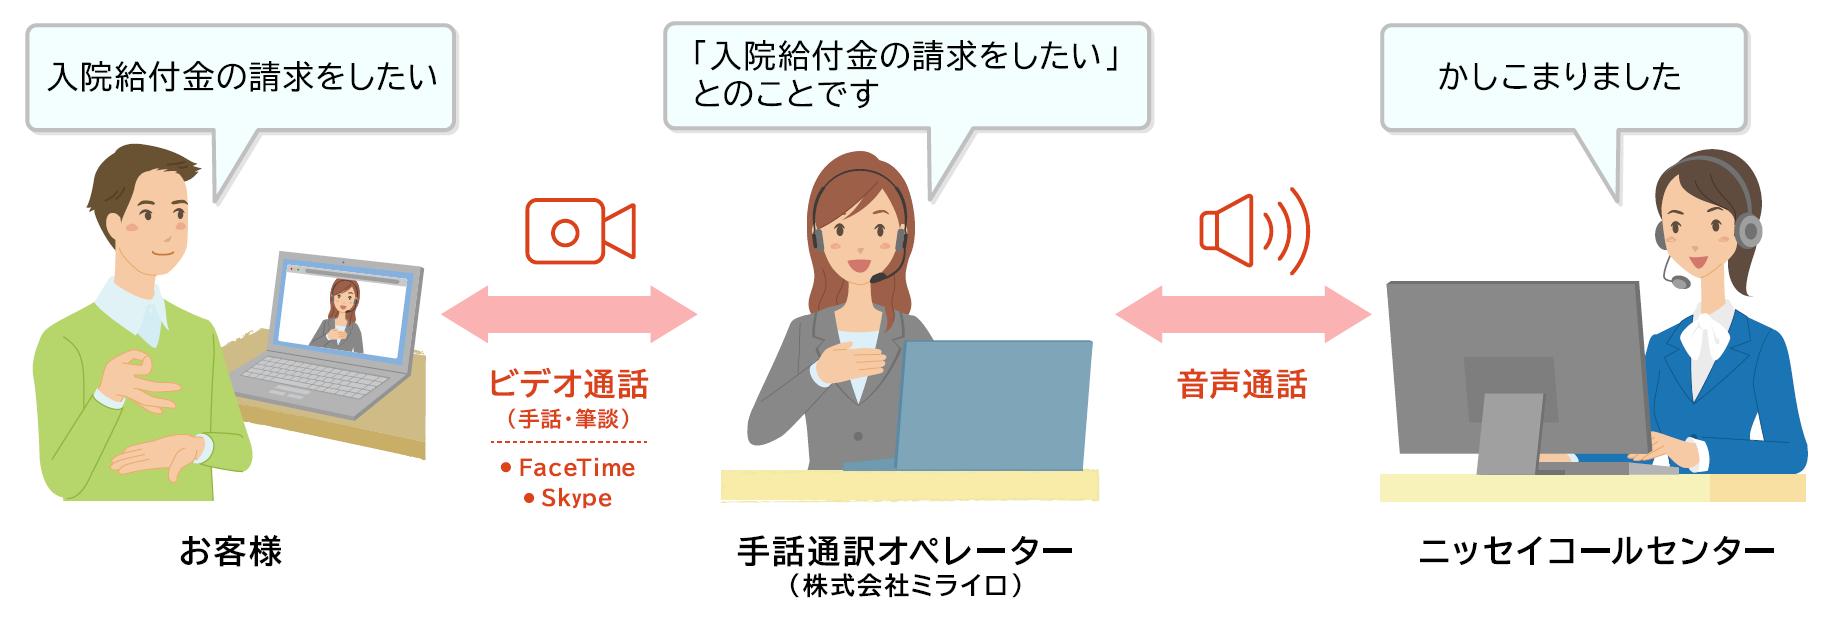 【イラスト】お客様から手話通訳オペレーターを通じて、ニッセイコールセンターへ連絡する図